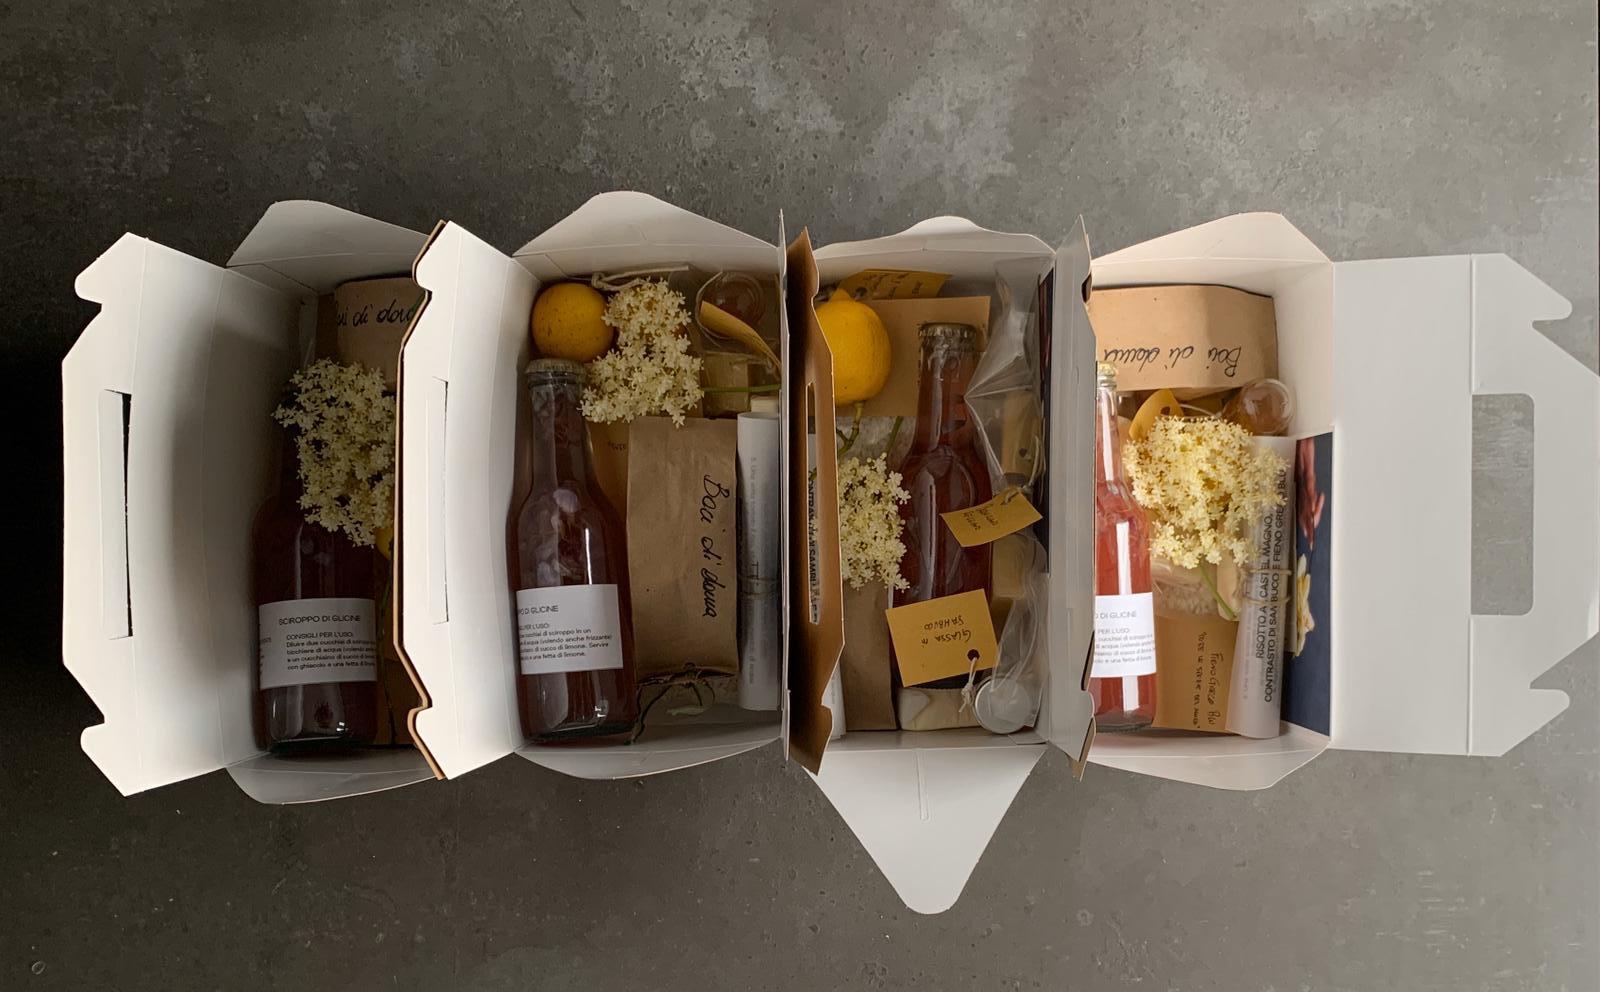 Food after Covid: come risorgerà la ristorazione a Milano? - DailyFood